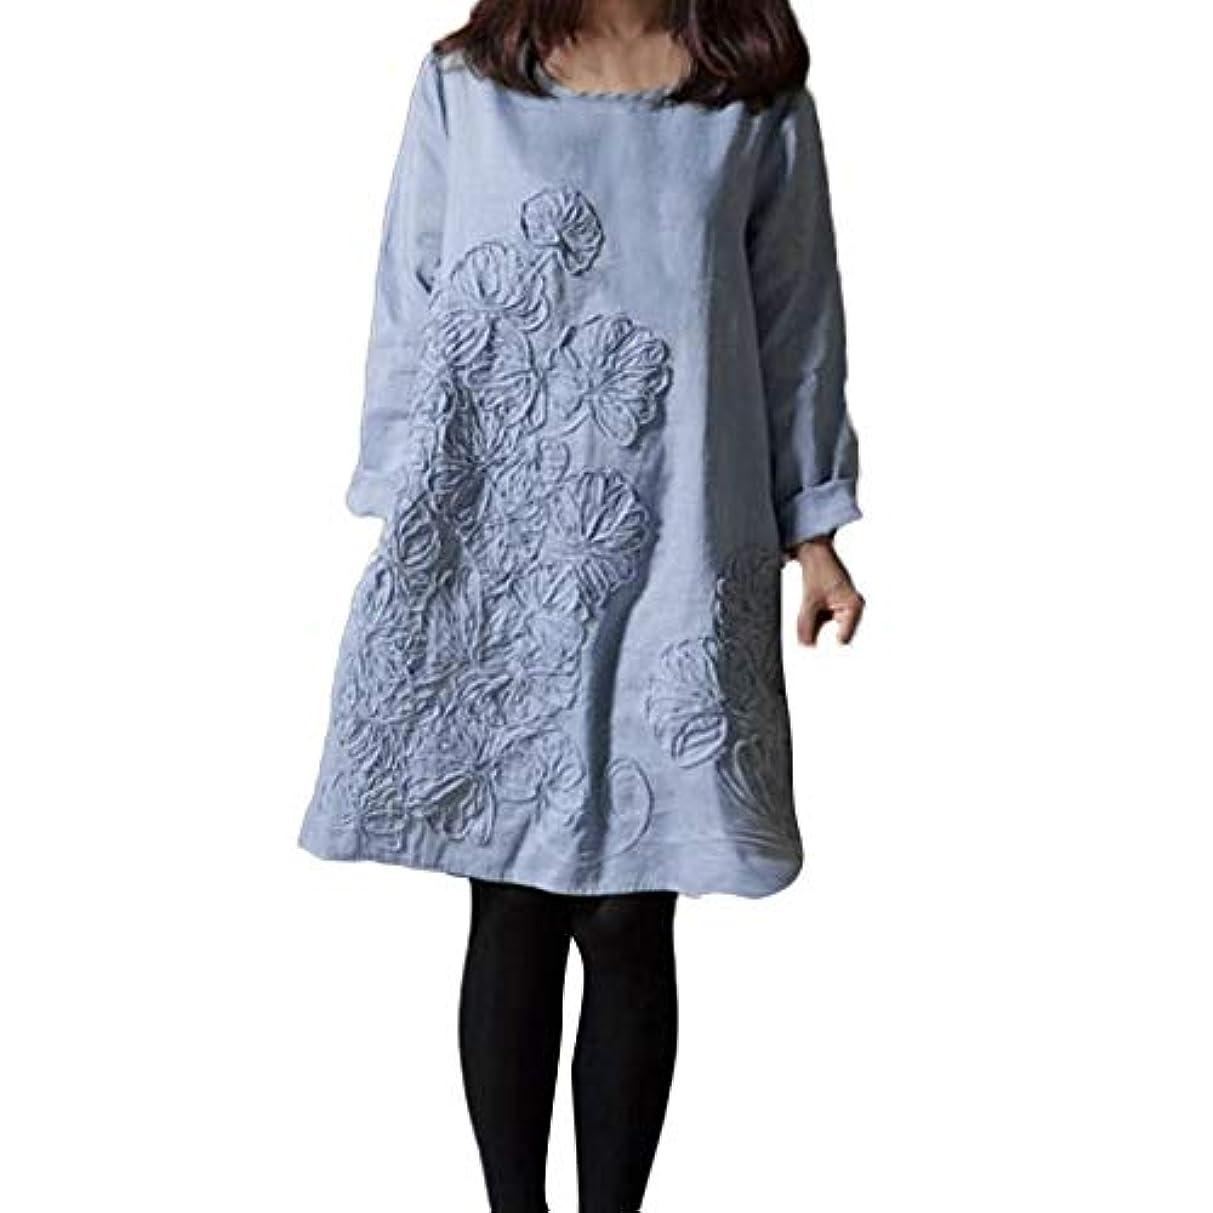 女性ドレス 棉麻 YOKINO 花柄 刺繍 ゆったり 体型カバー 森ガール ゆったり 着痩せ レディース白ワンピース 大人 ワンピース 春 夏 秋 ワンピース 大きいサイズ ゆったり 着痩せ